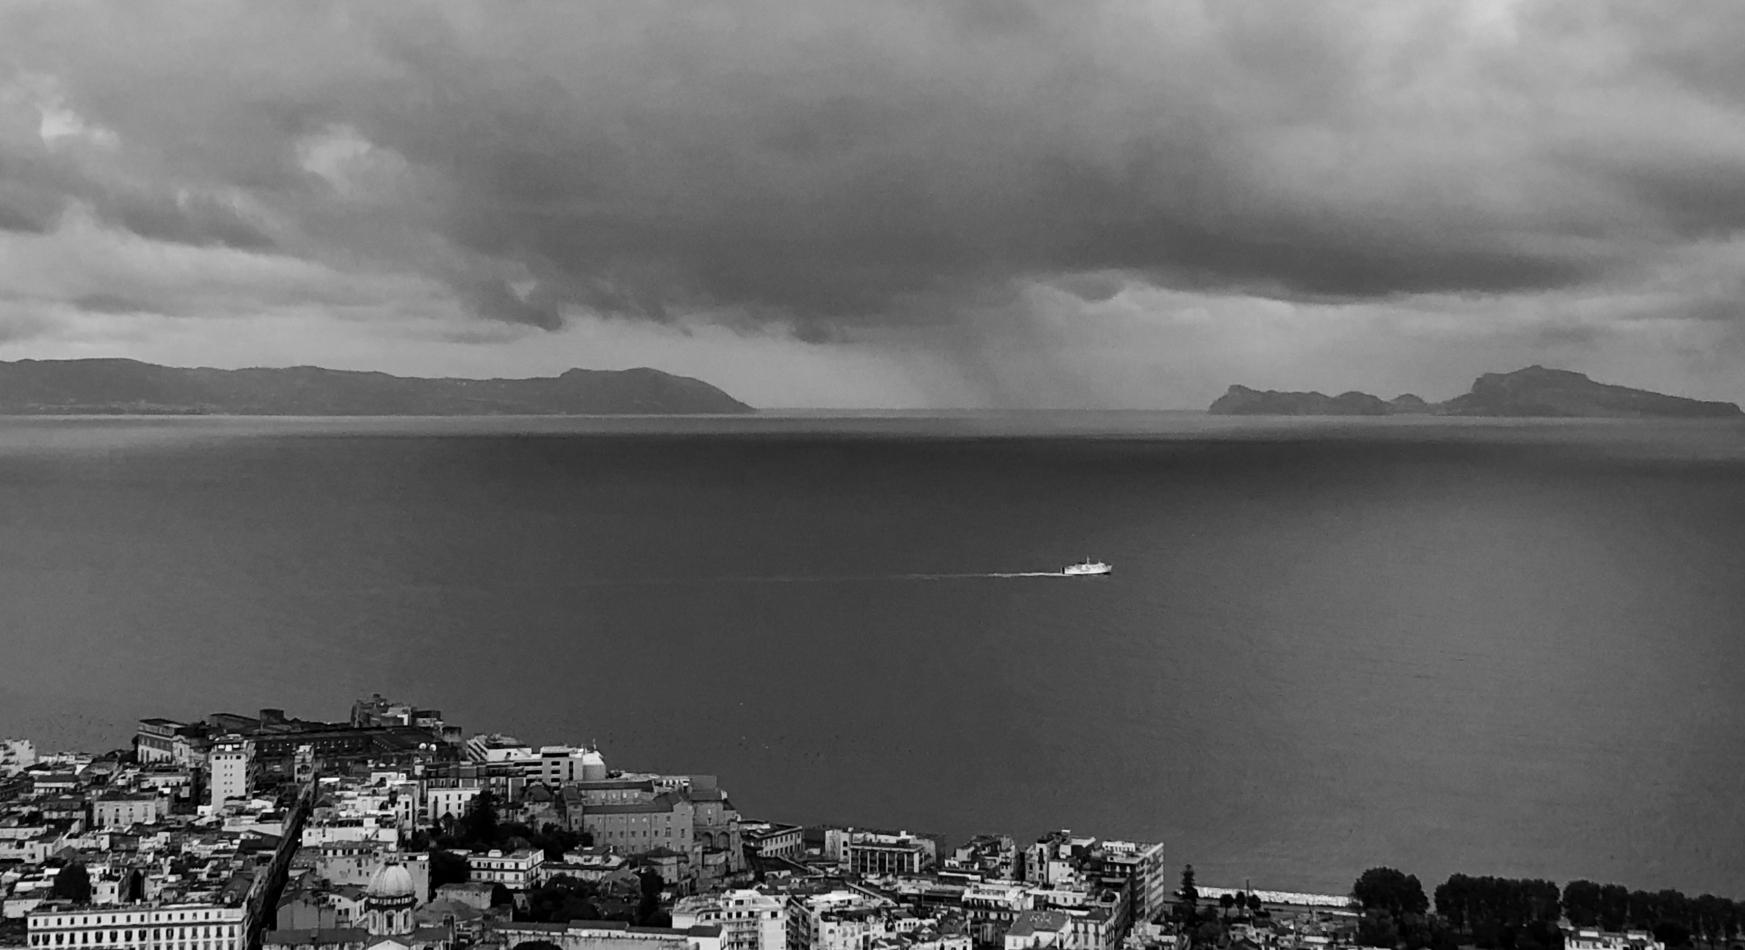 7. Naples